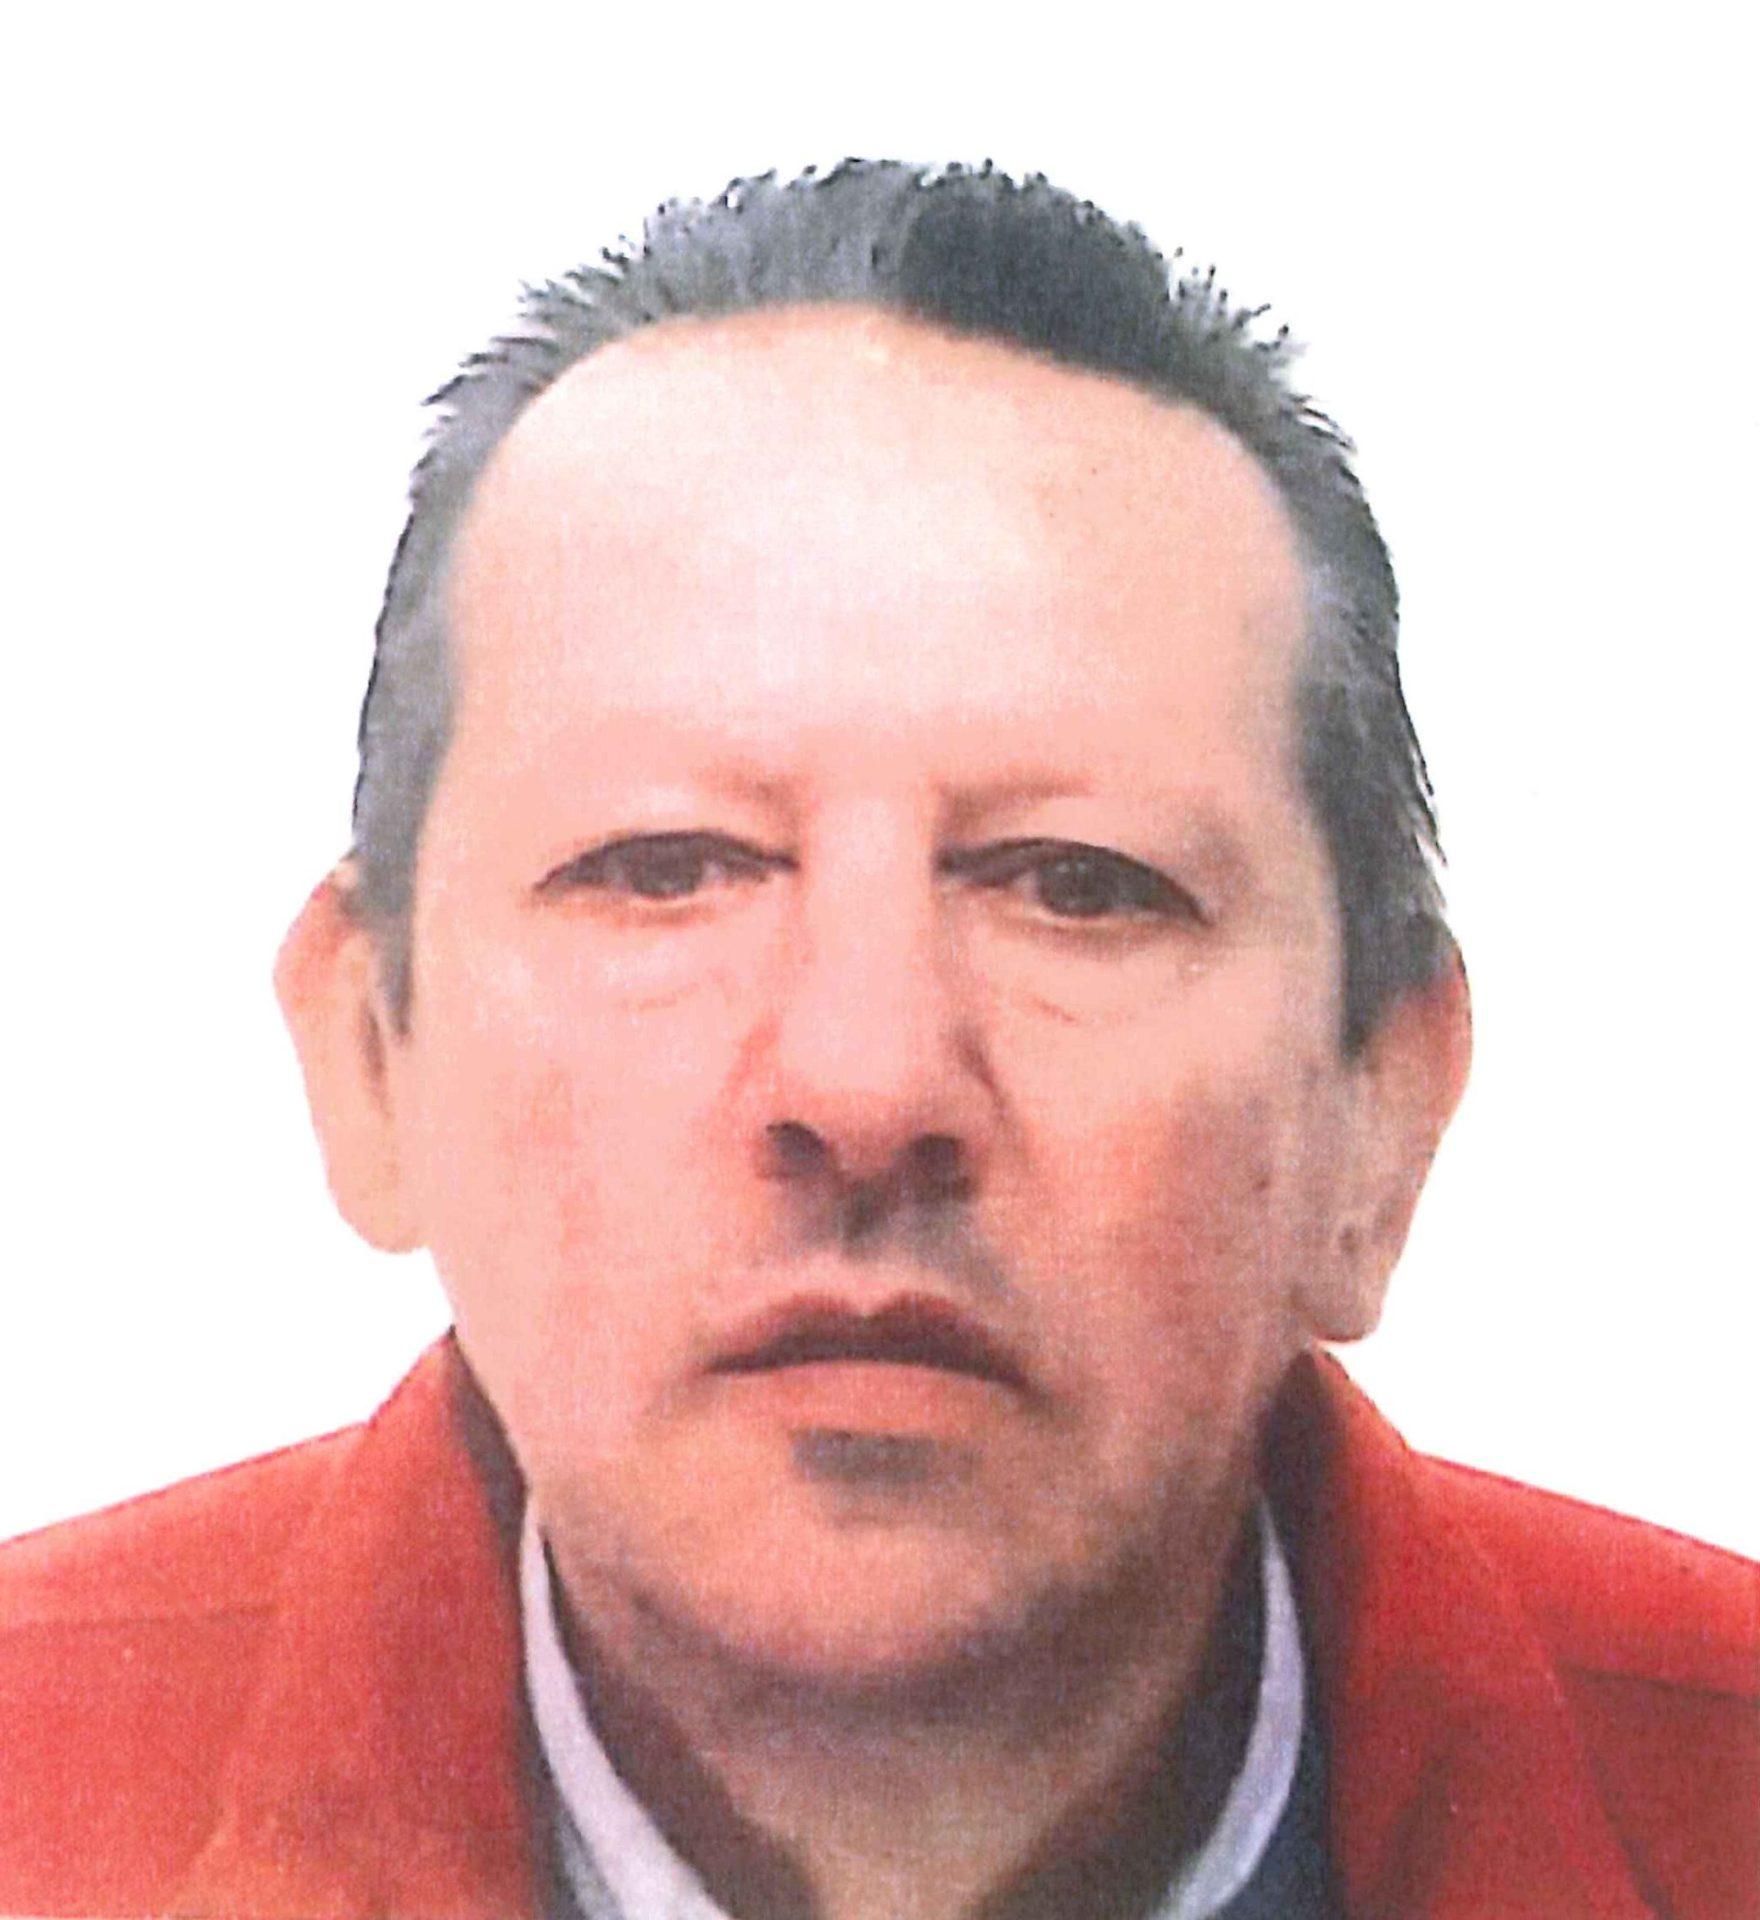 Adriano Zannese